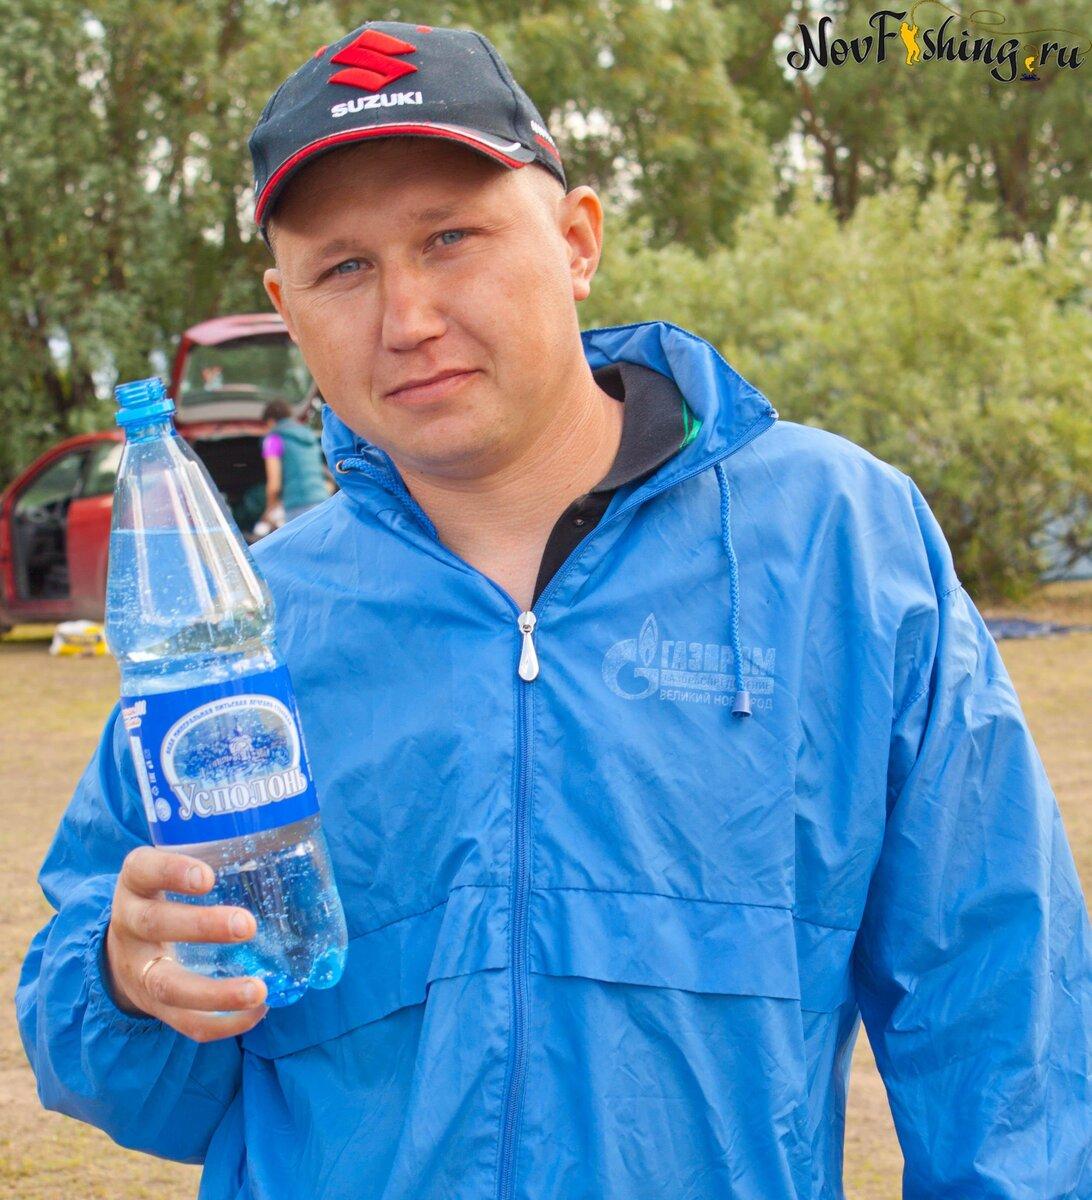 Порыбалки (58 of 1).jpg